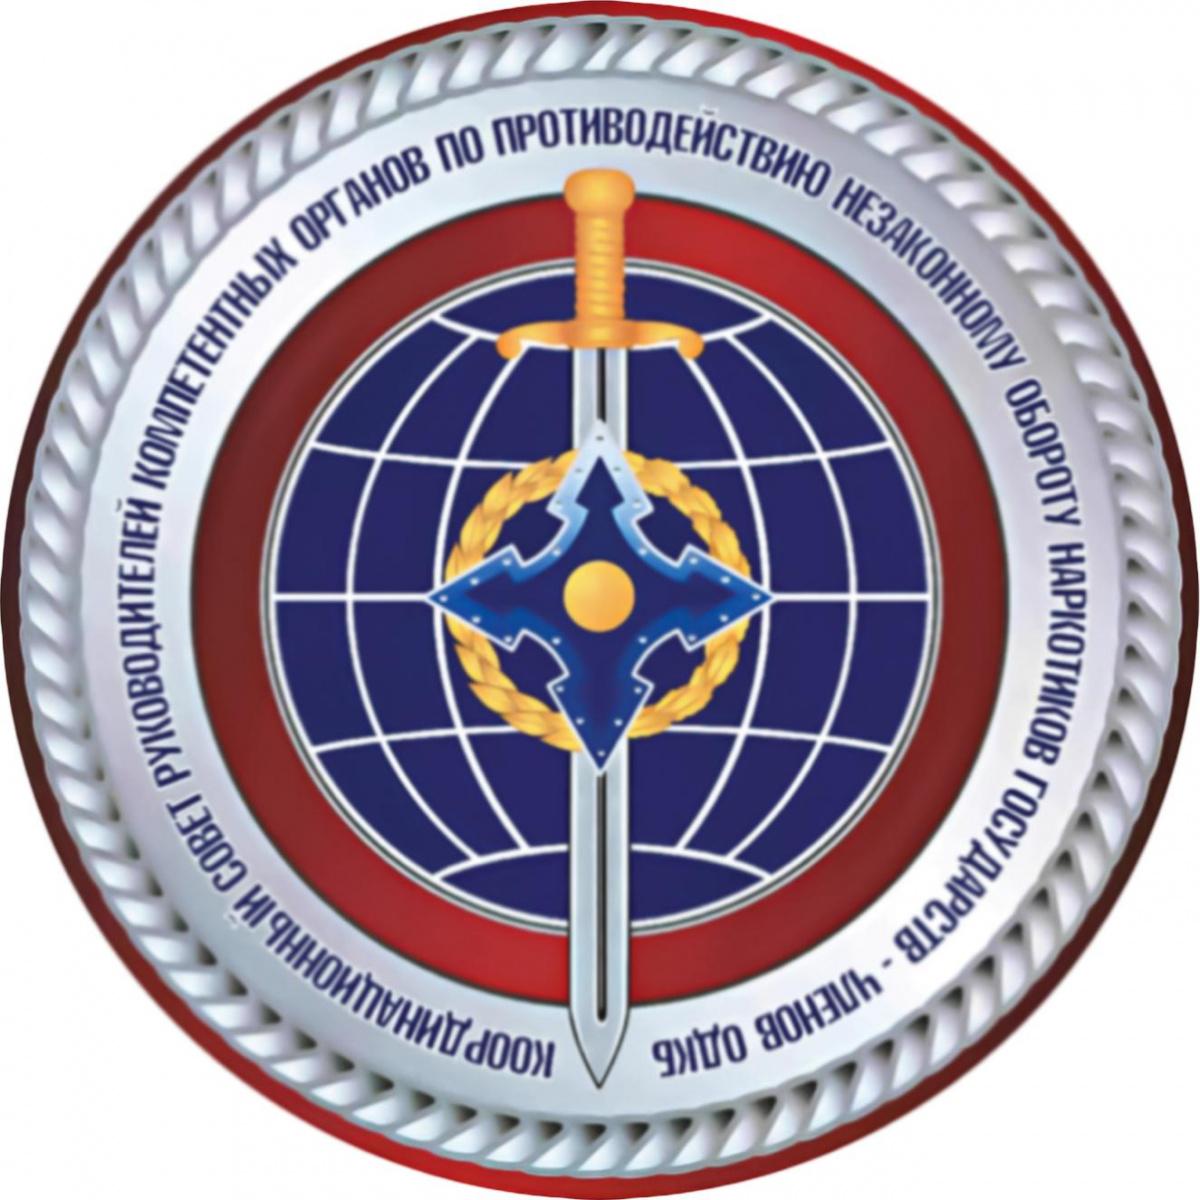 15 лет -  Координационному совету руководителей компетентных органов по противодействию незаконному обороту наркотиков (КСОПН)  государств – членов ОДКБ